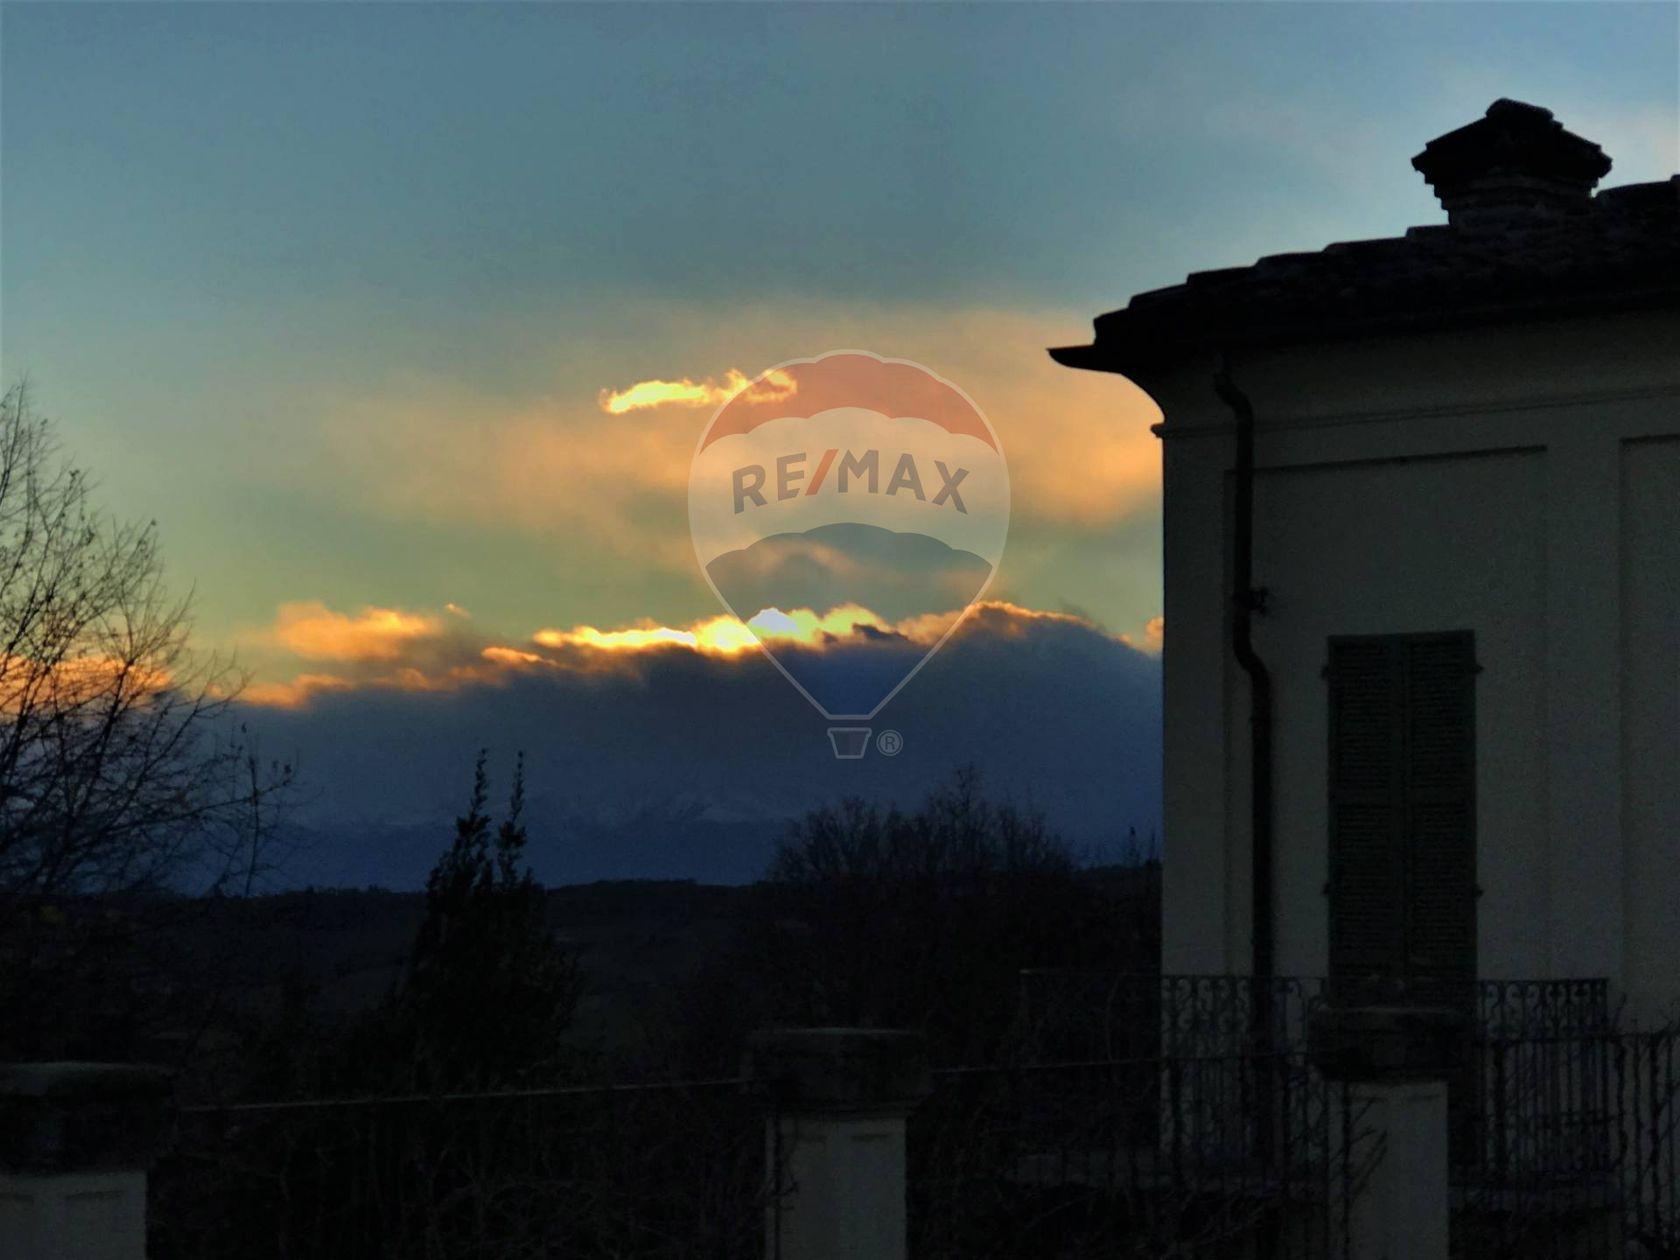 Appartamento Avuglione, Marentino, TO Vendita - Foto 44